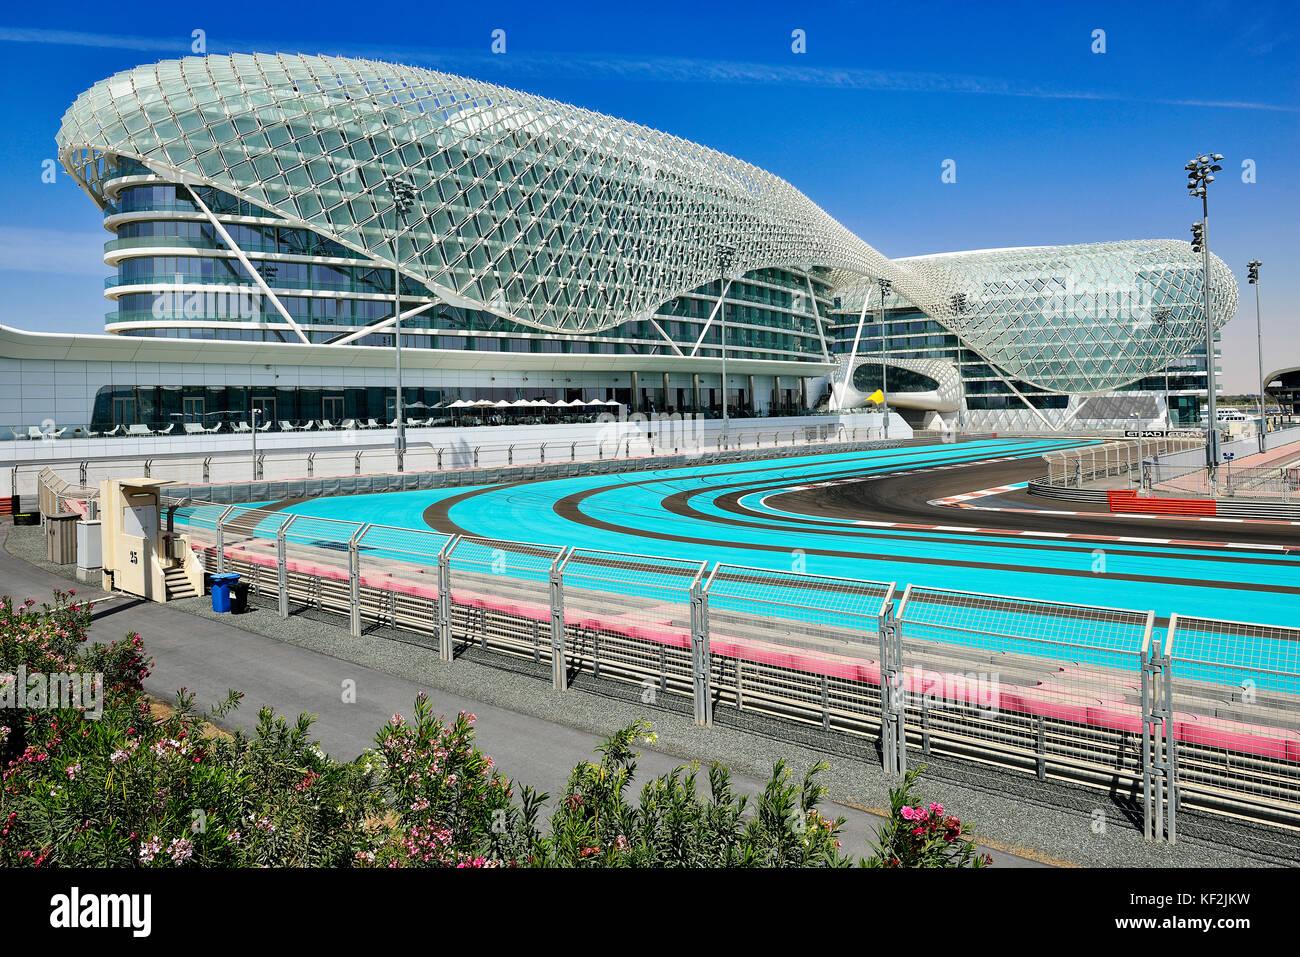 Circuito Yas Marina : Circuito yas marina circuito de fórmula 1 trasero hotel yas marina